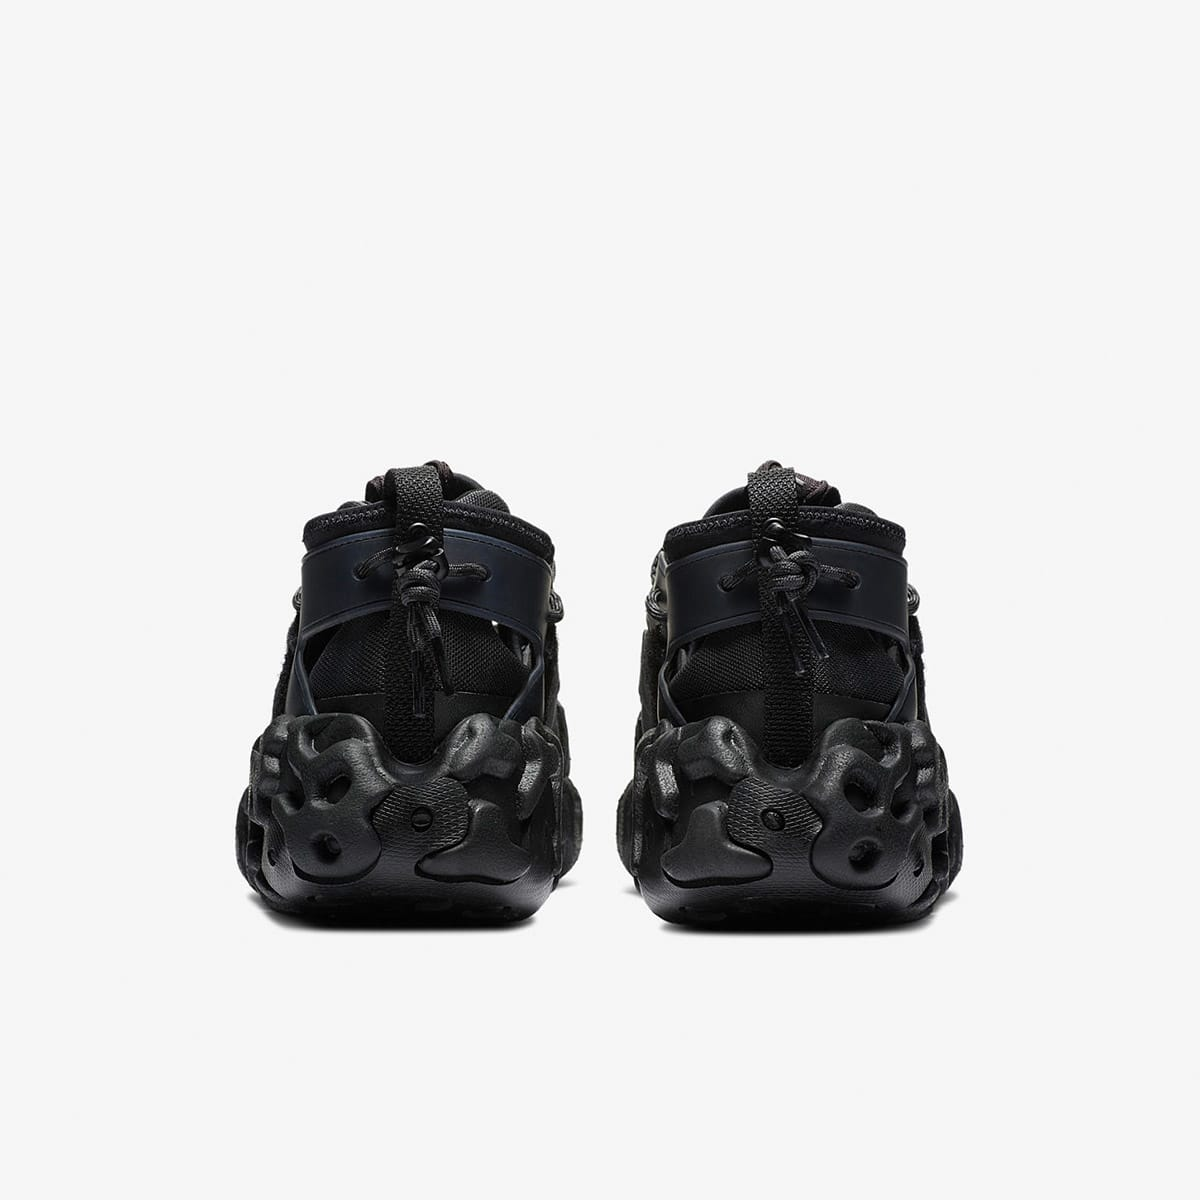 Nike ISPA Overreact Sandal - CQ2230-001